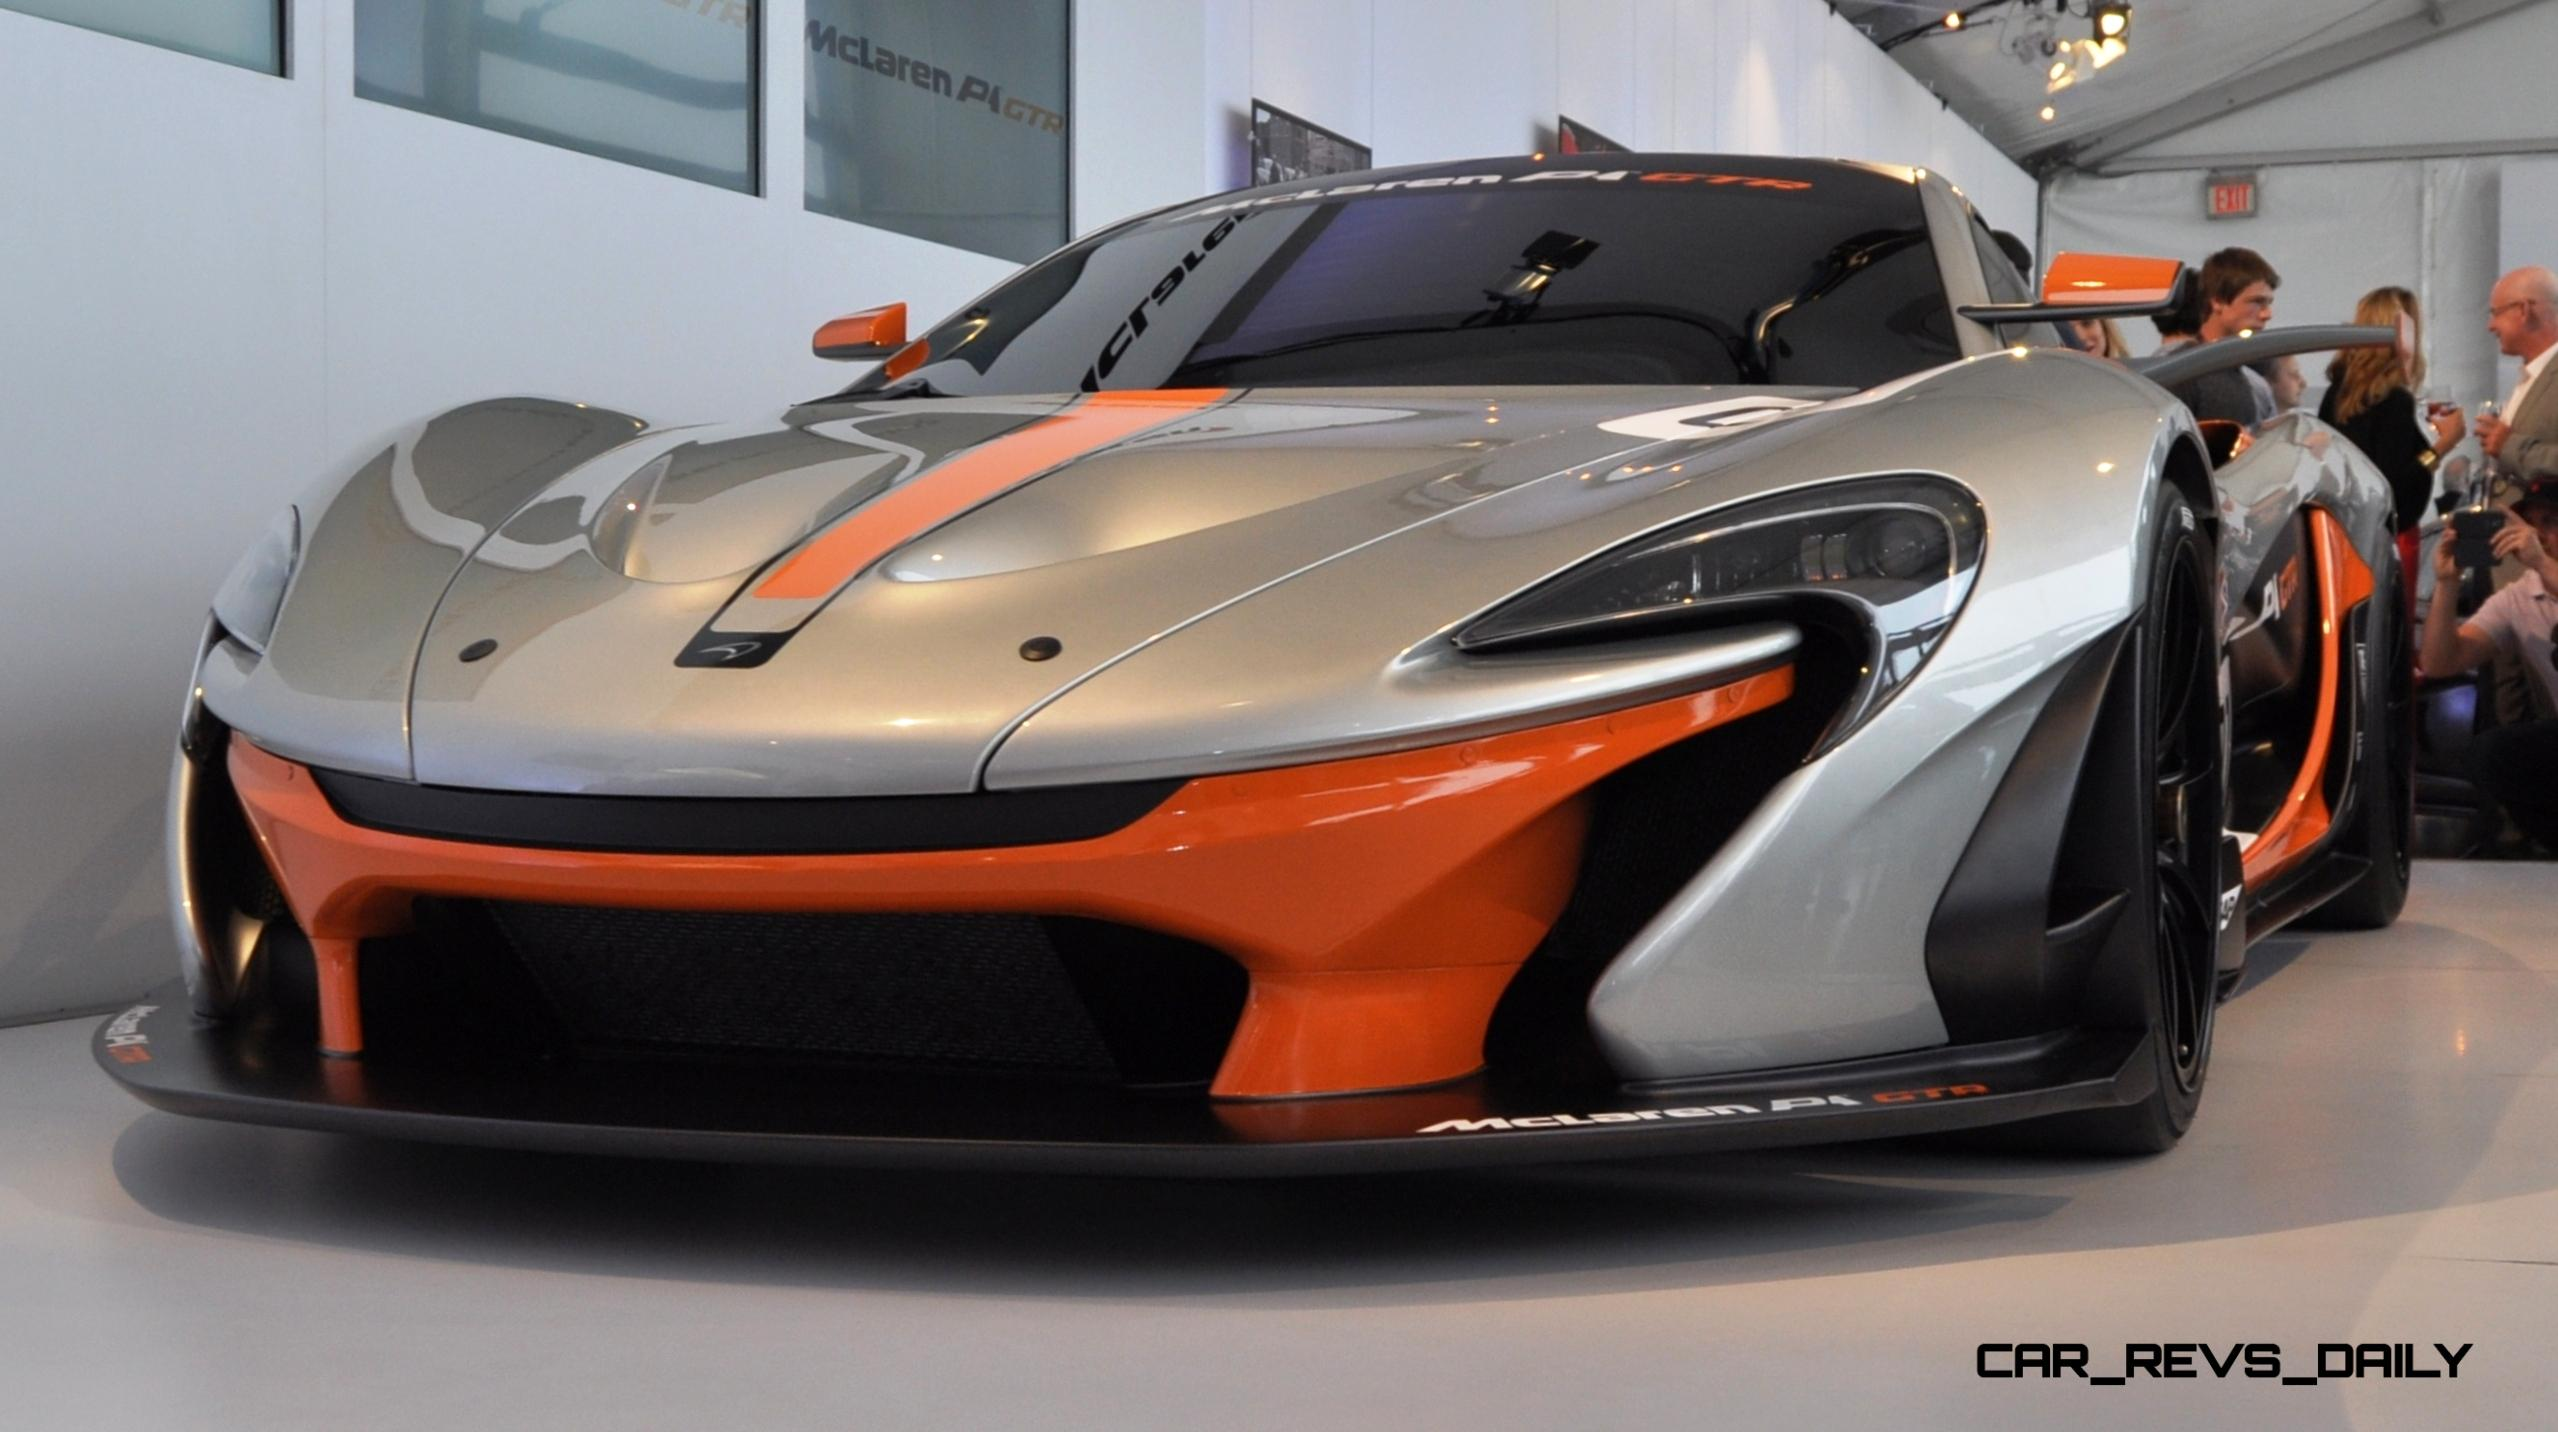 2015 McLaren P1 GTR - Pebble Beach World Debut in 55 High-Res Photos 20